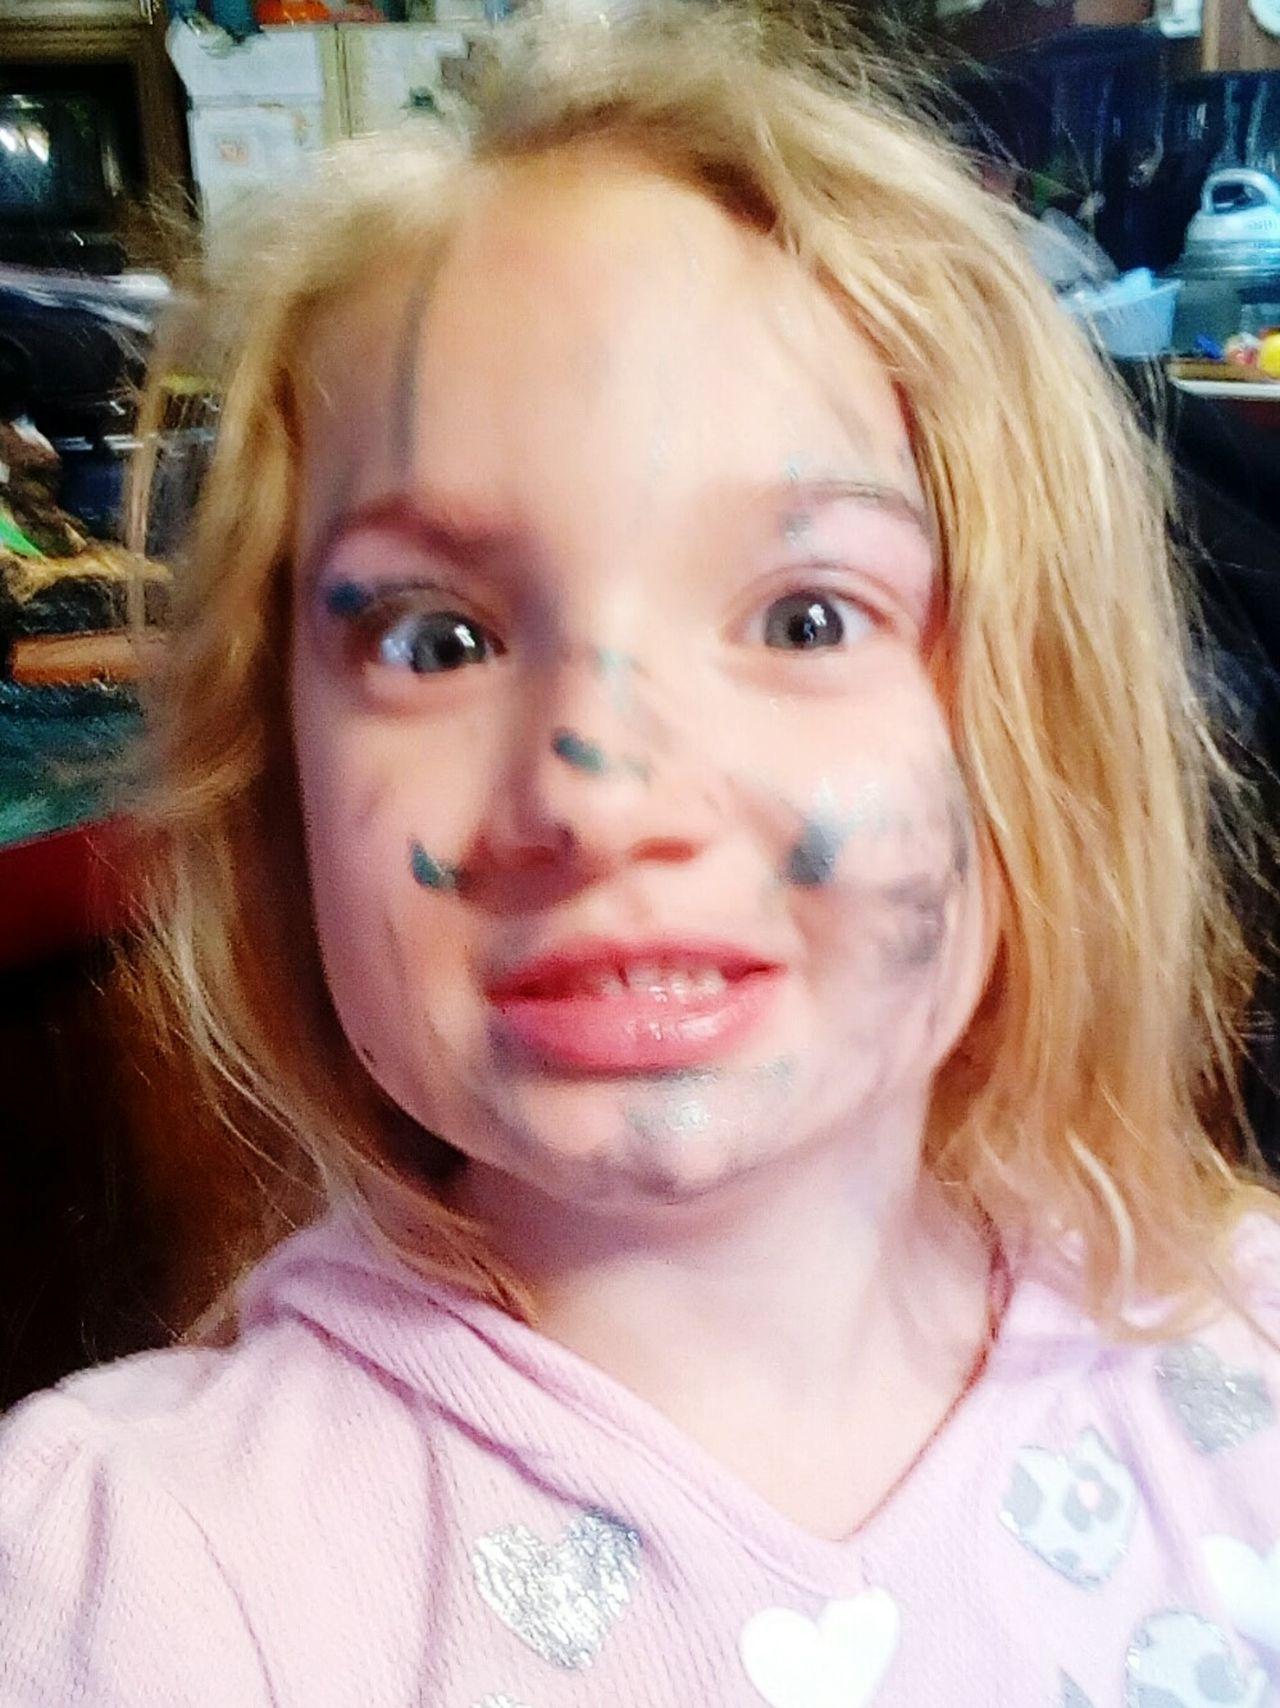 Wildchild Portrait Babygirl Child Close-up The Portraitist - 2017 EyeEm Awards